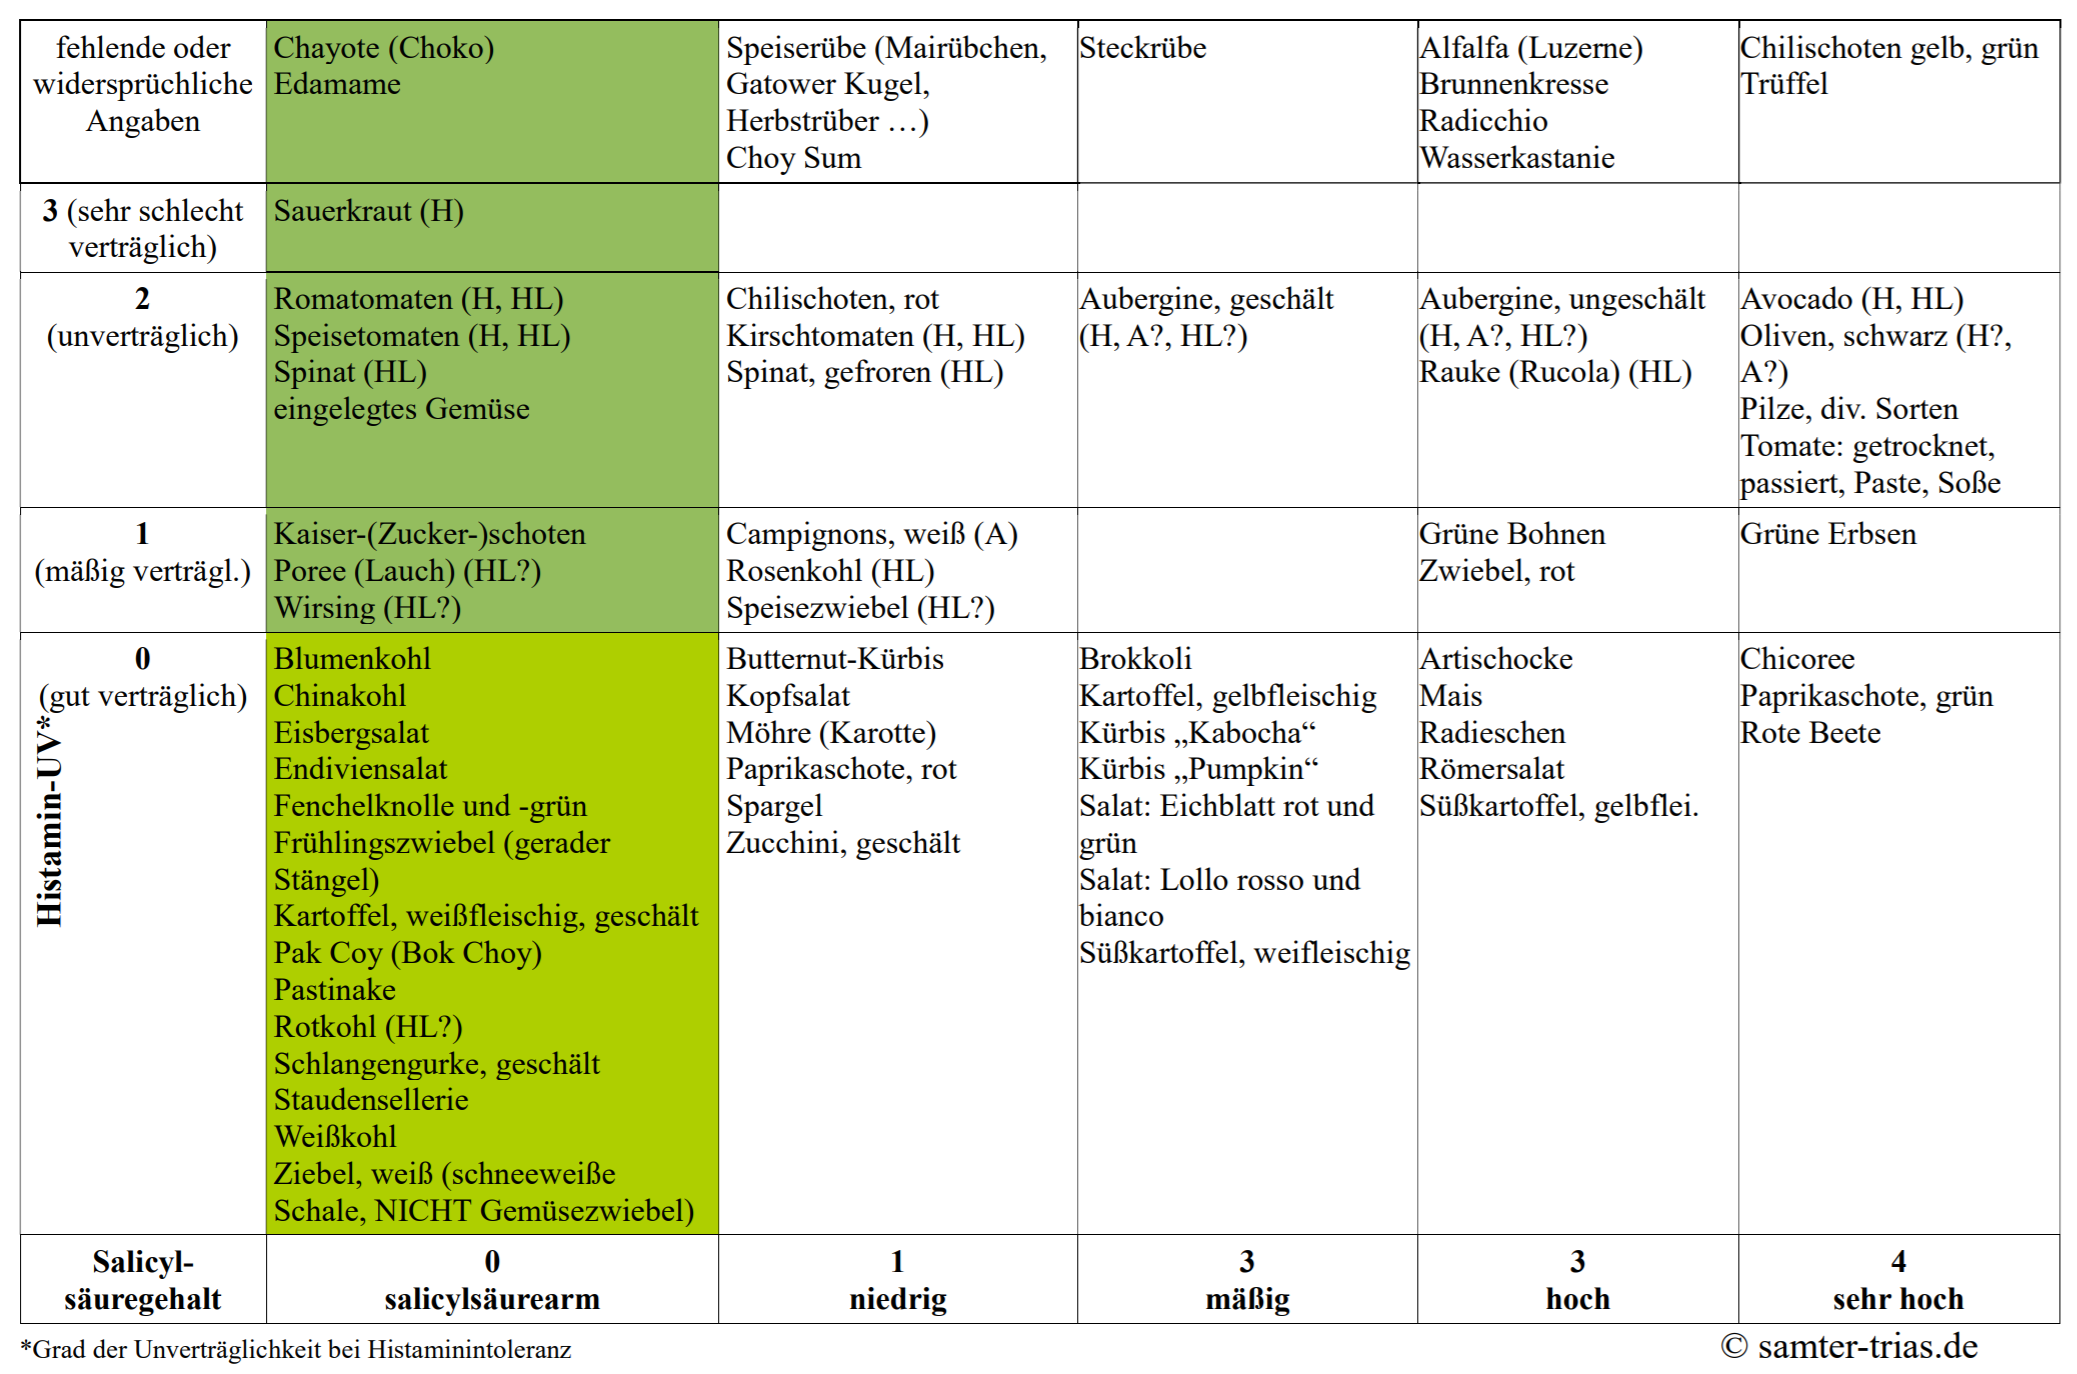 Tabelle mit Haistamin- und Salicylatgehalt verschiedener Gemüsesorten